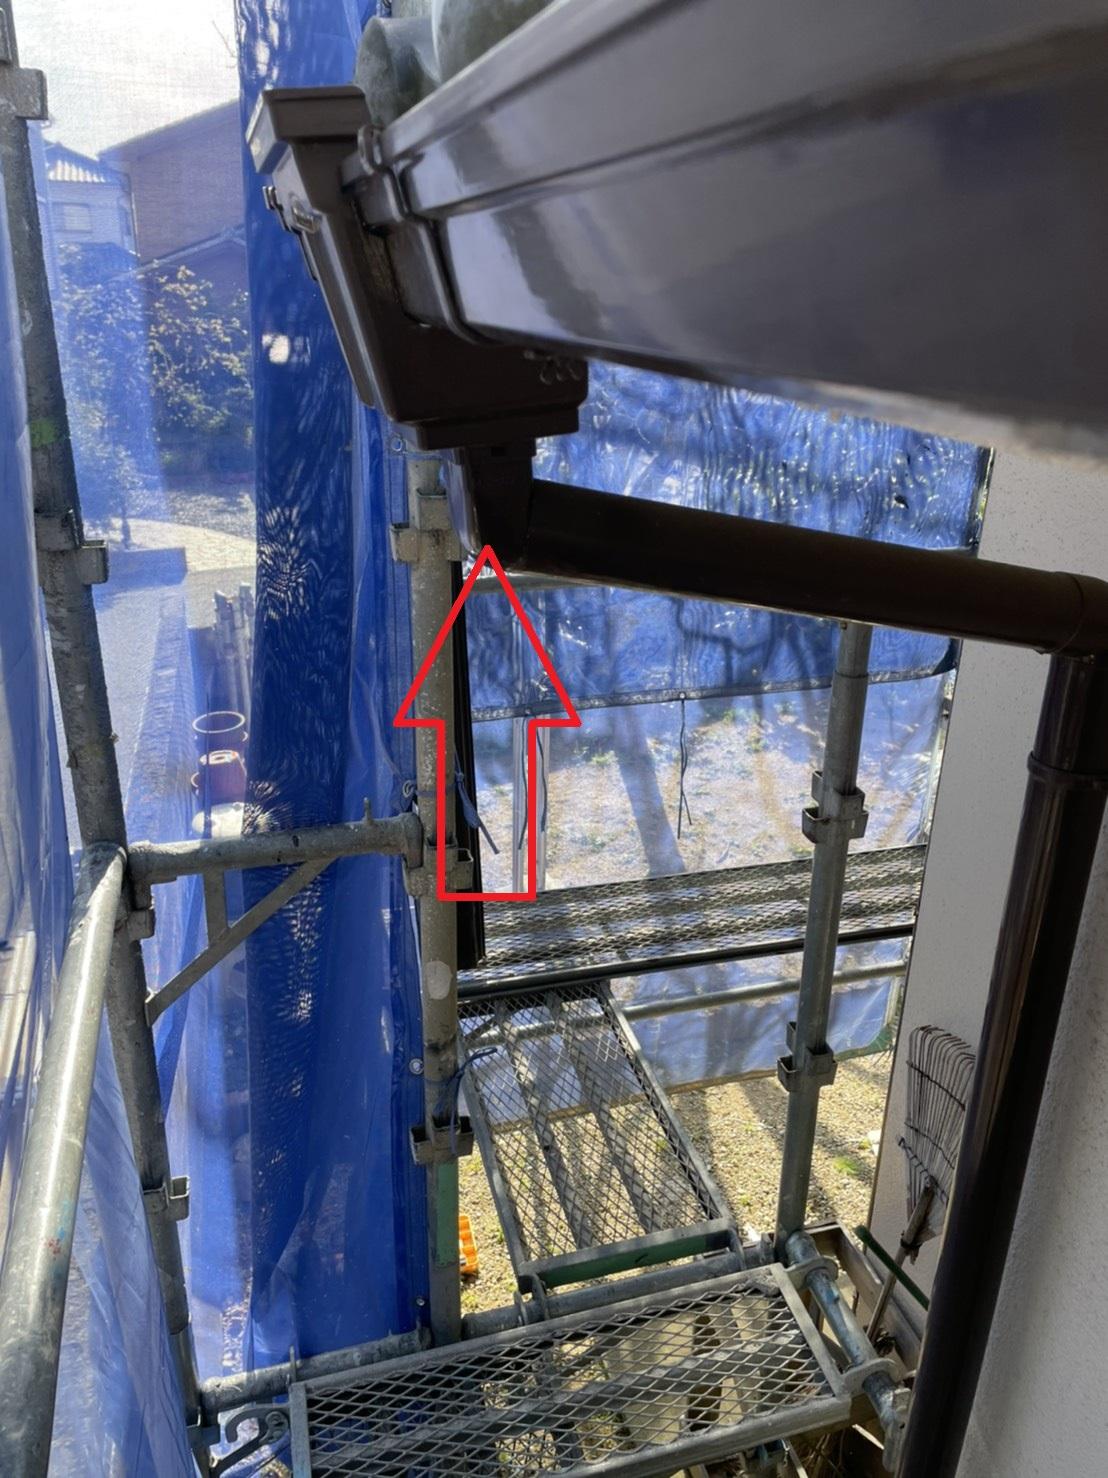 三木市での雨樋交換で水漏れした軒樋を撤去するため既存の竪樋を切断する様子